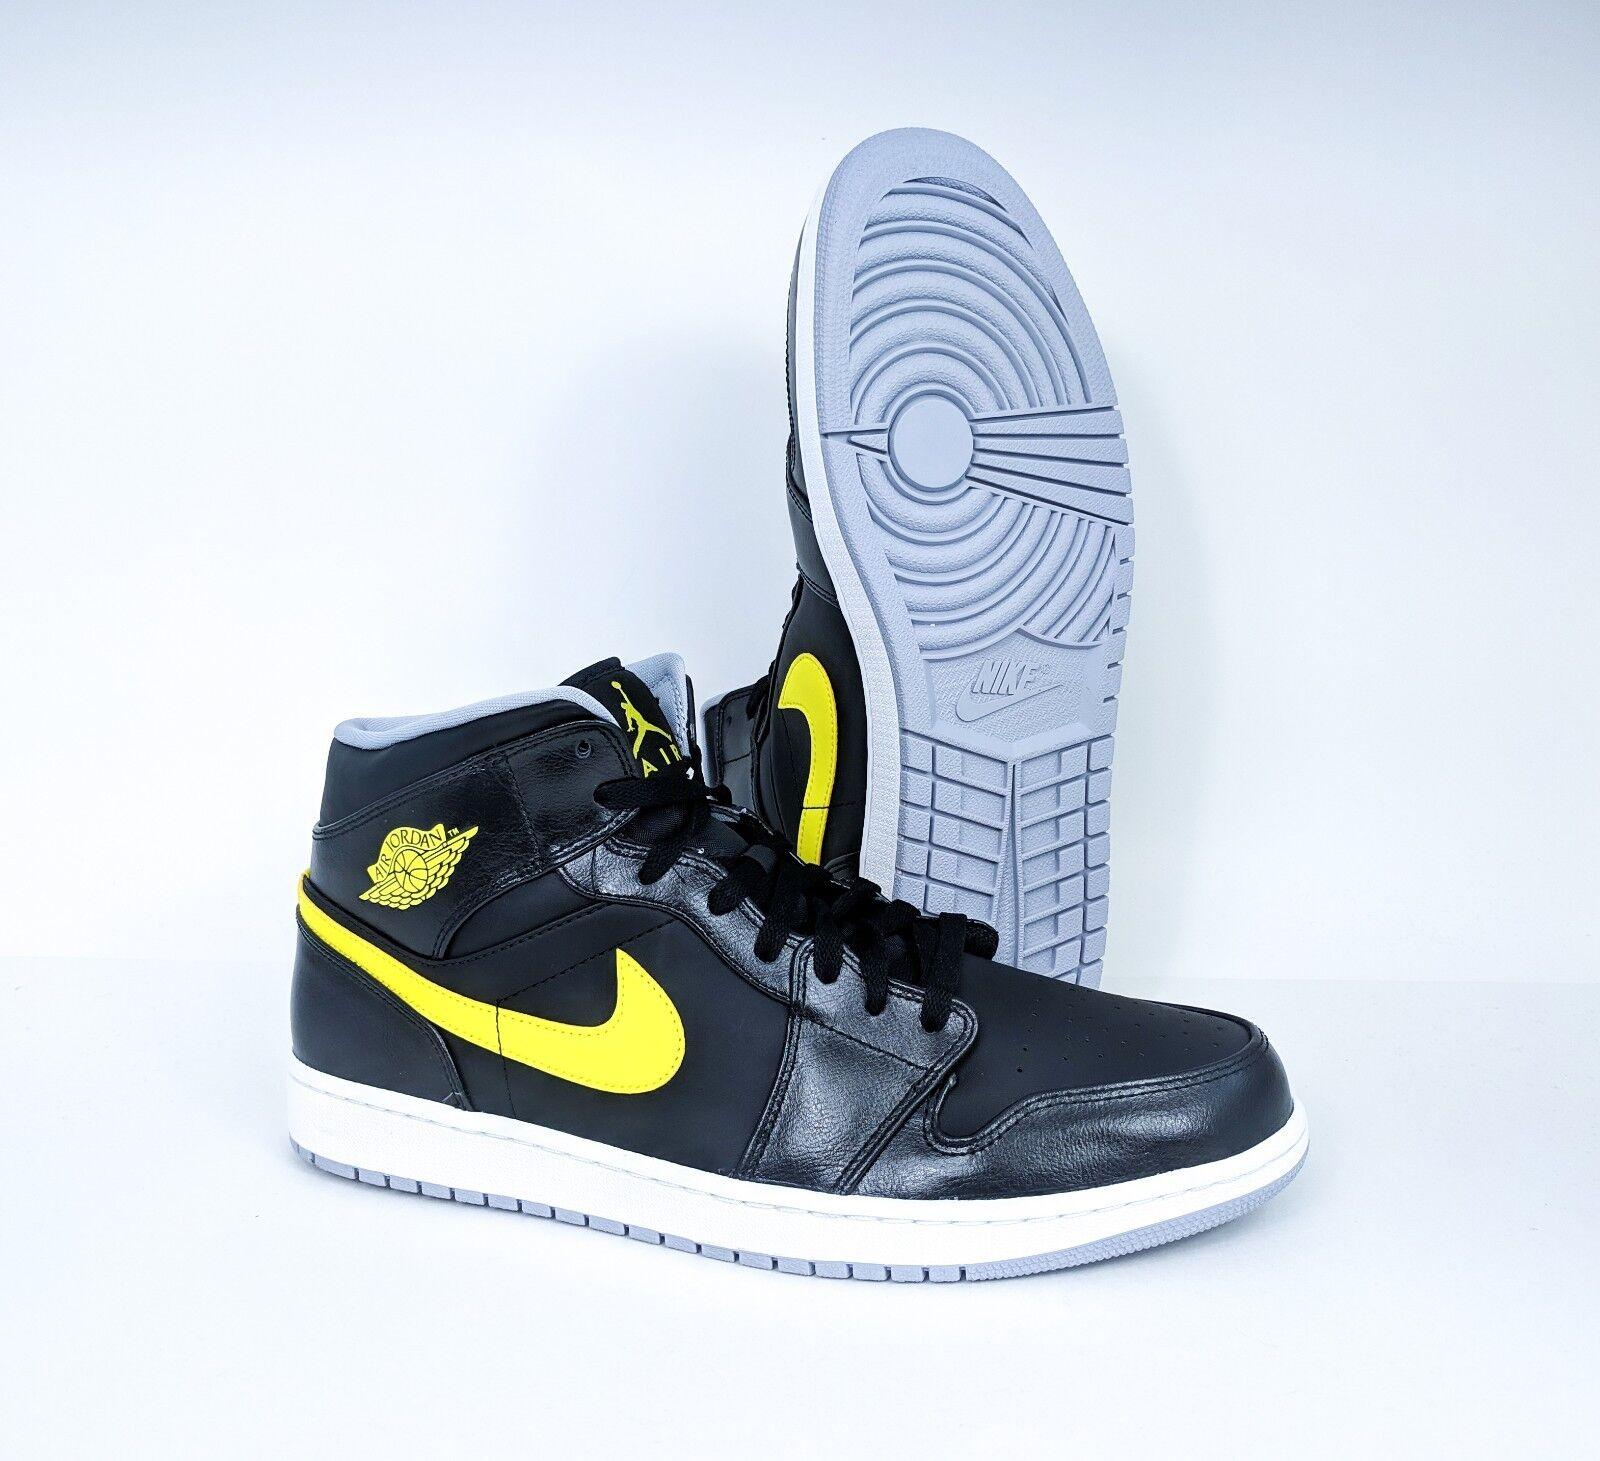 Nike Air Jordan 1 Mid Black Vibrant Yellow Mens Size 13 554724-070 FREE PRIORITY